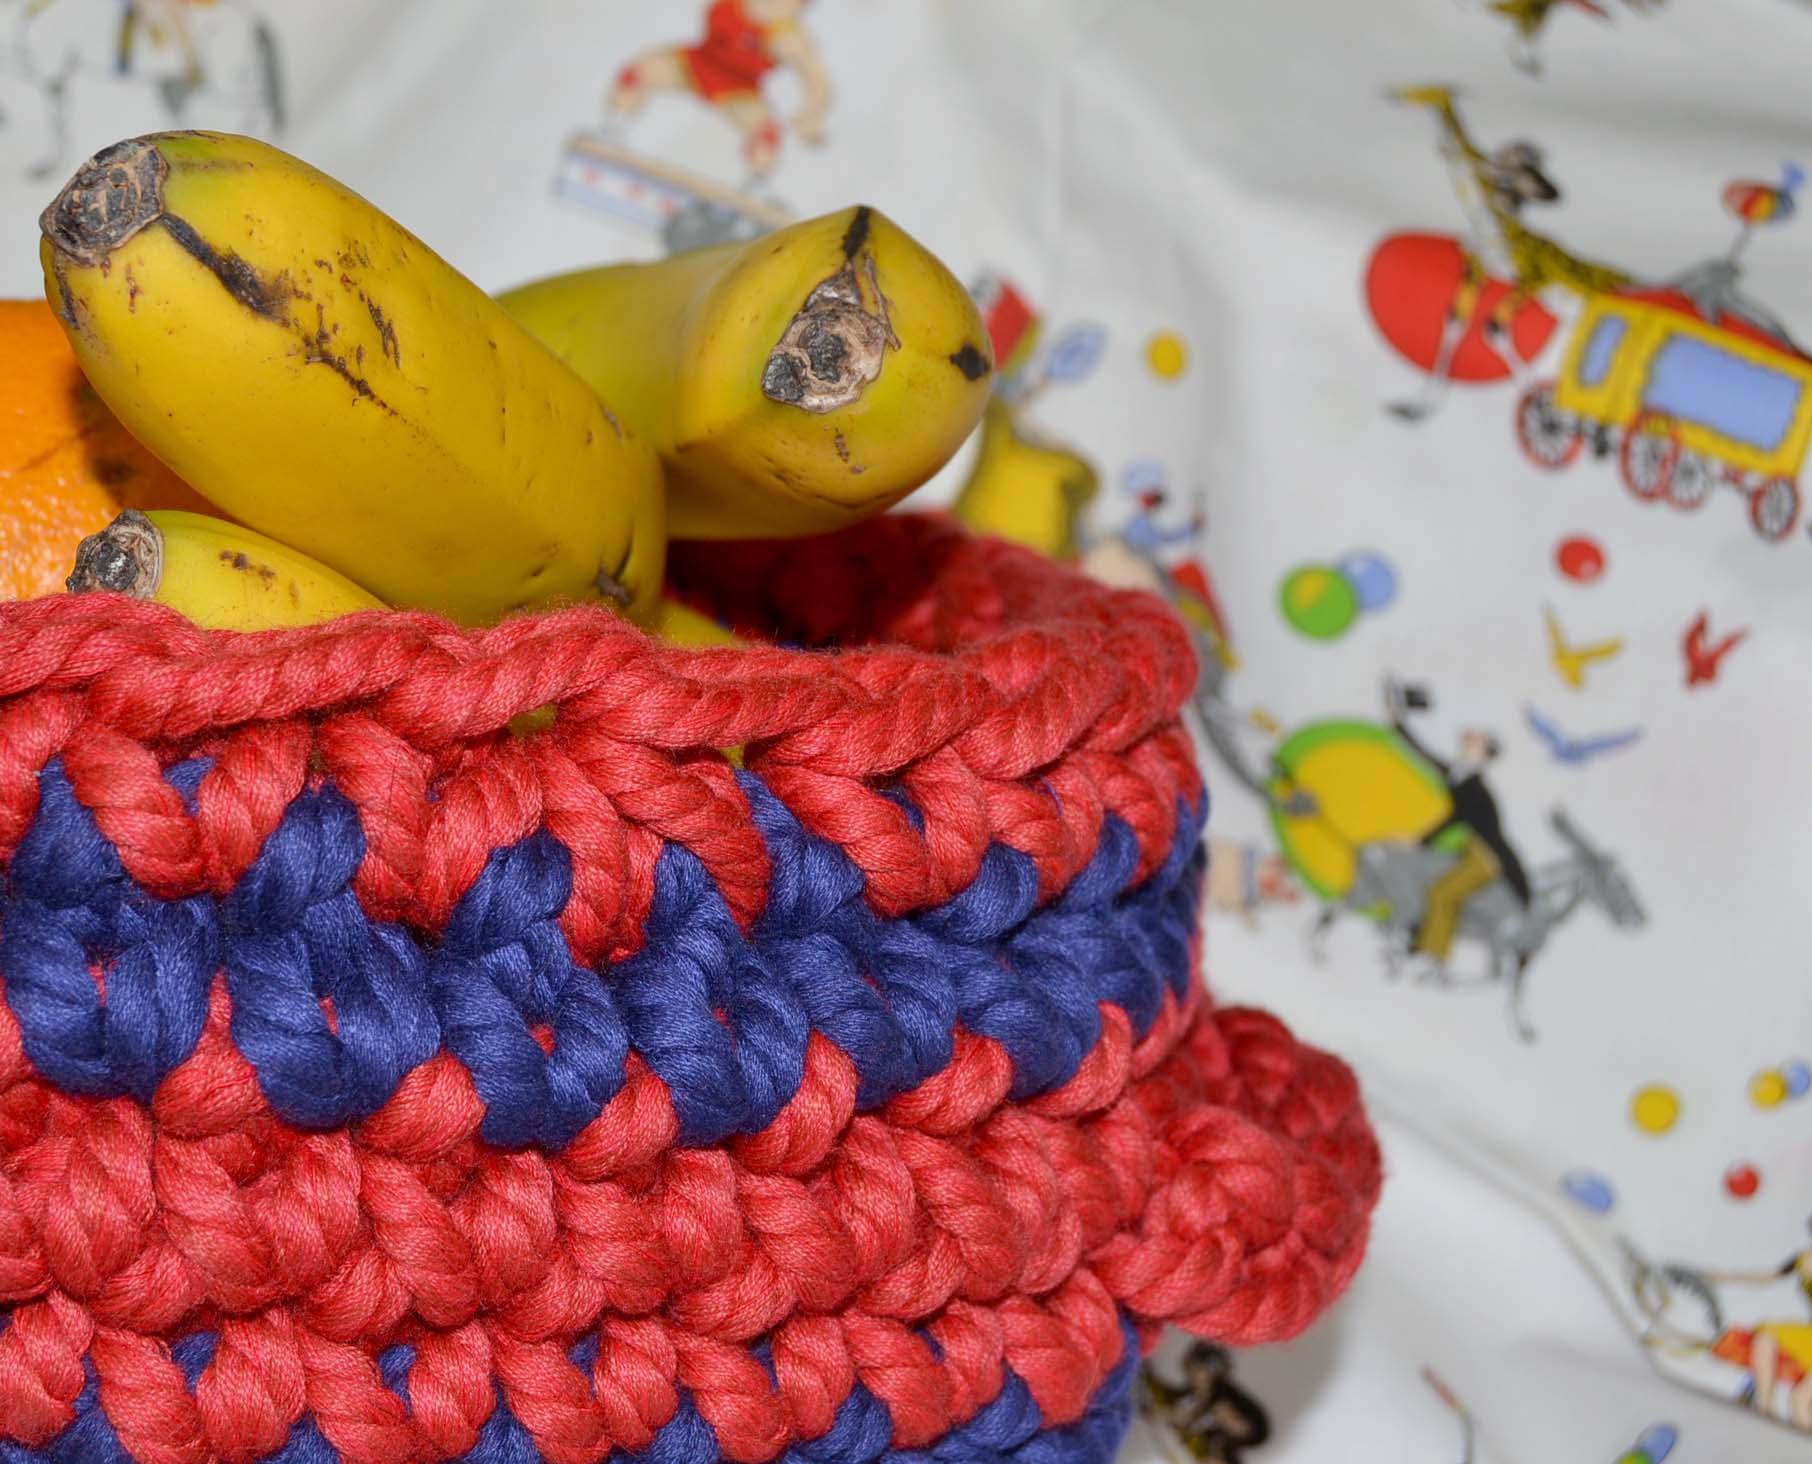 Cestas Cestos Crochet Cuerda Ganchillo Xxl Handmade Wallpaper